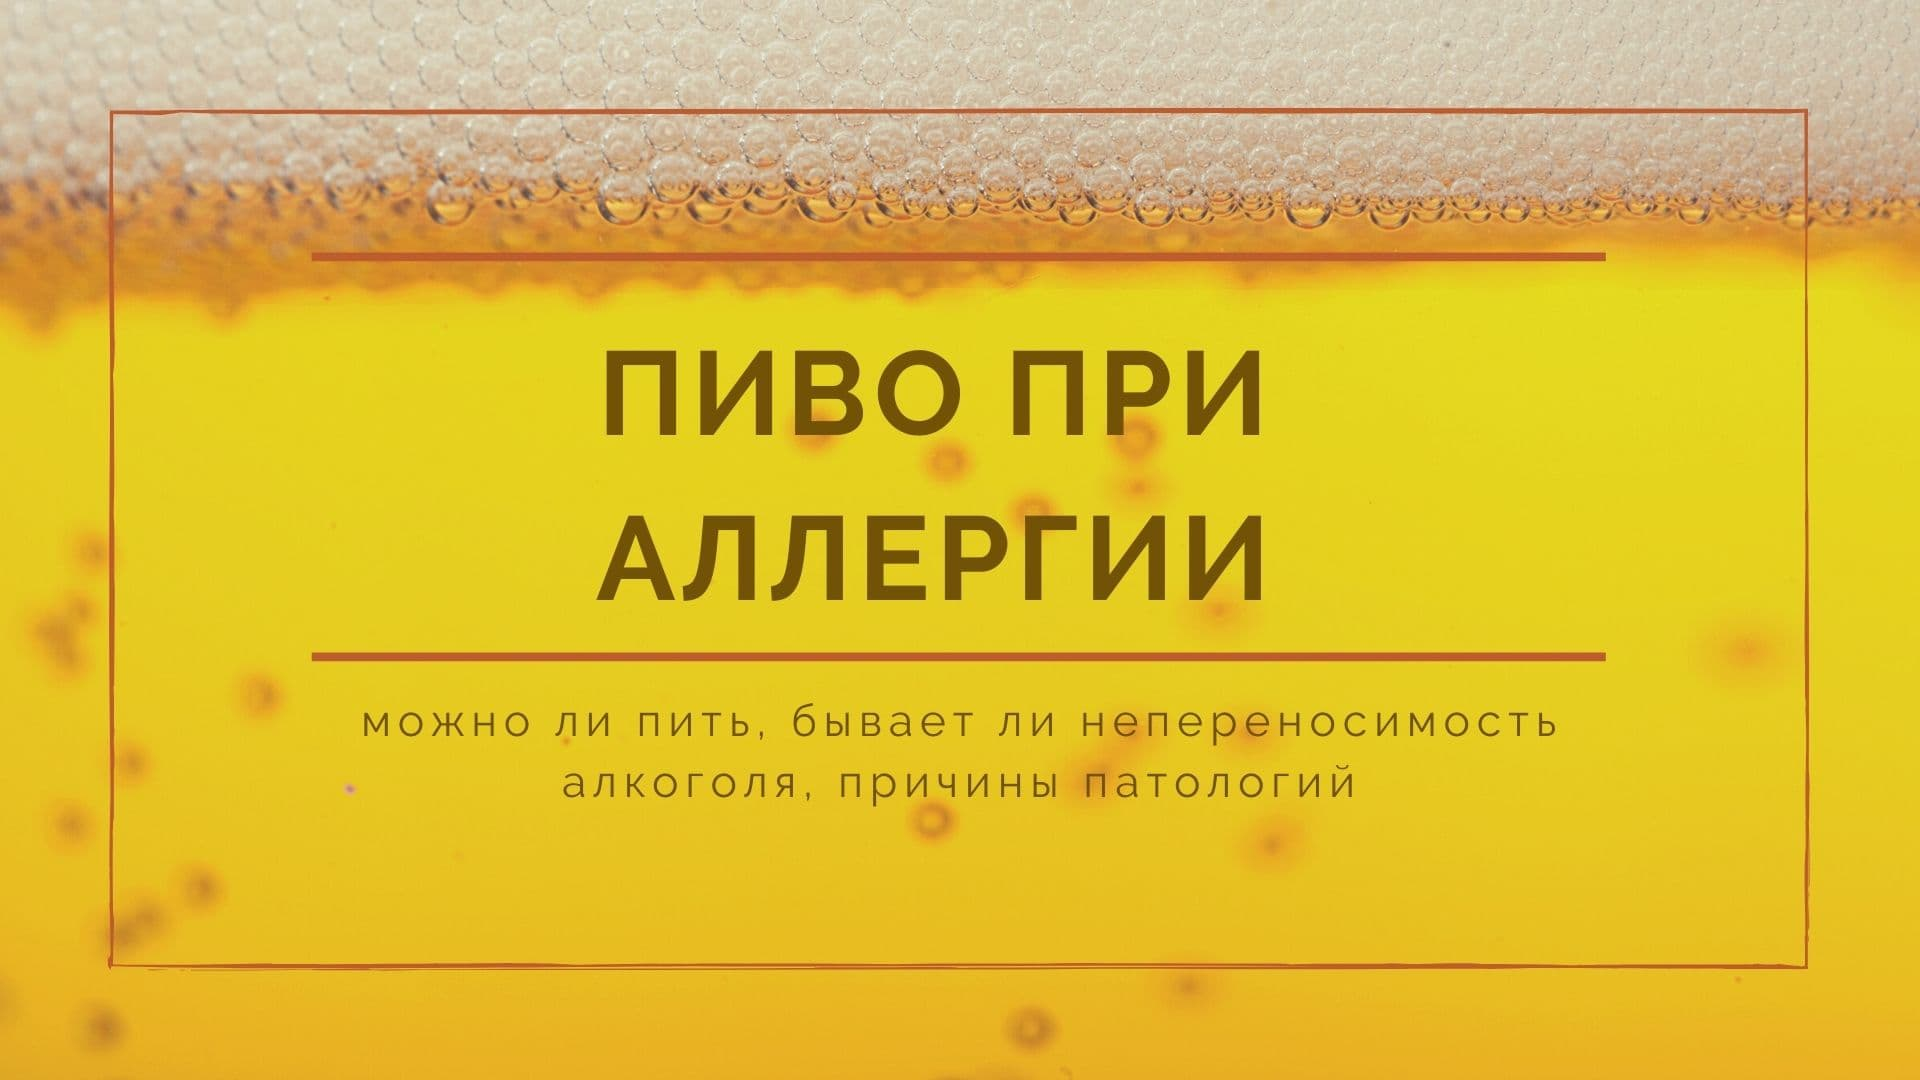 Пиво при аллергии: можно ли пить, бывает ли непереносимость алкоголя, причины патологи